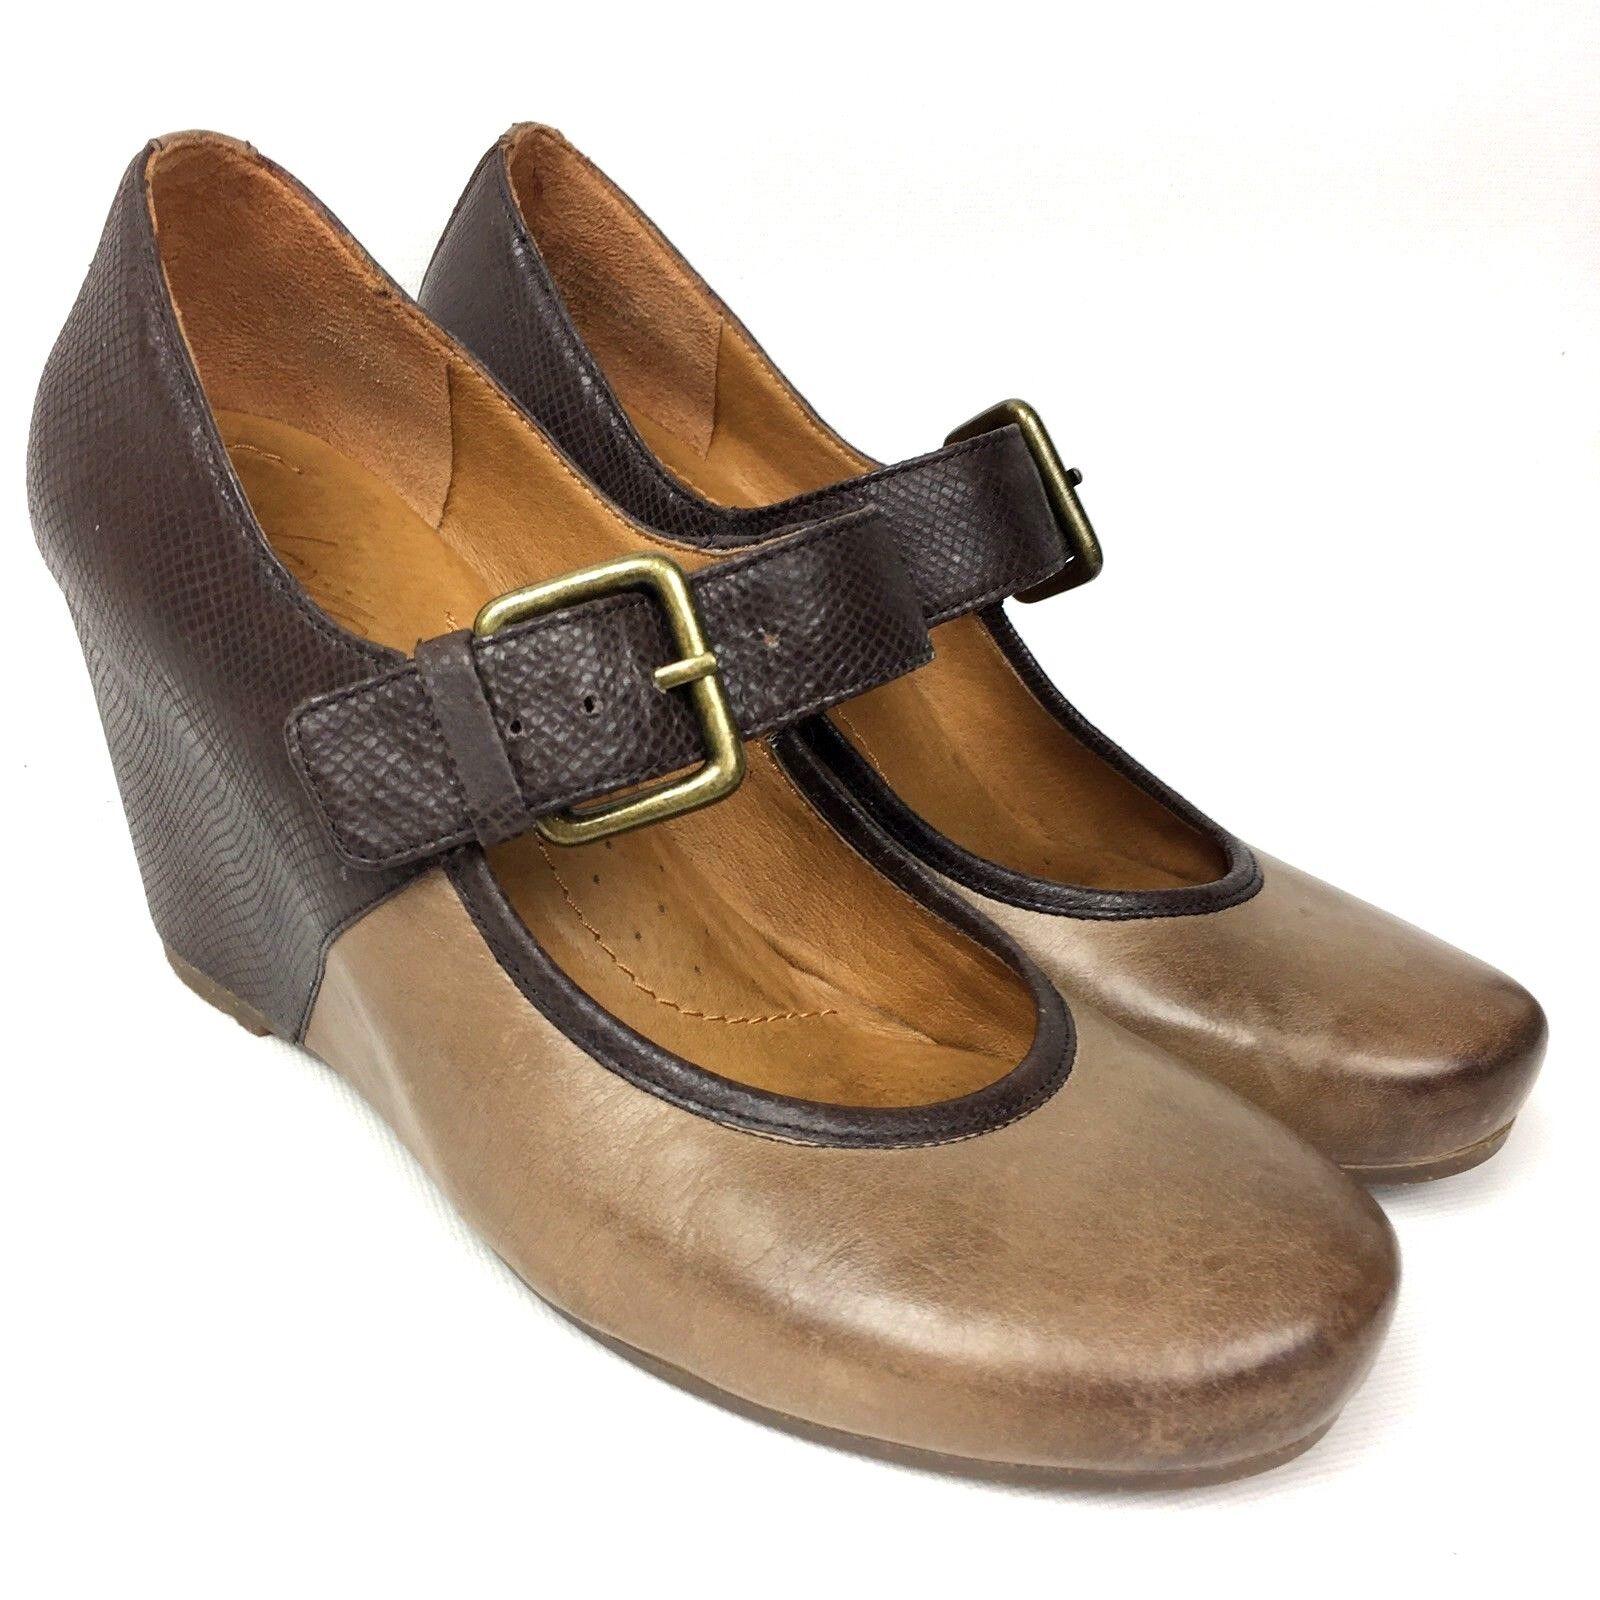 NAYA  Jacinta Anthropology  Leather Mary Jane Wedge Women's shoes Sz 7M